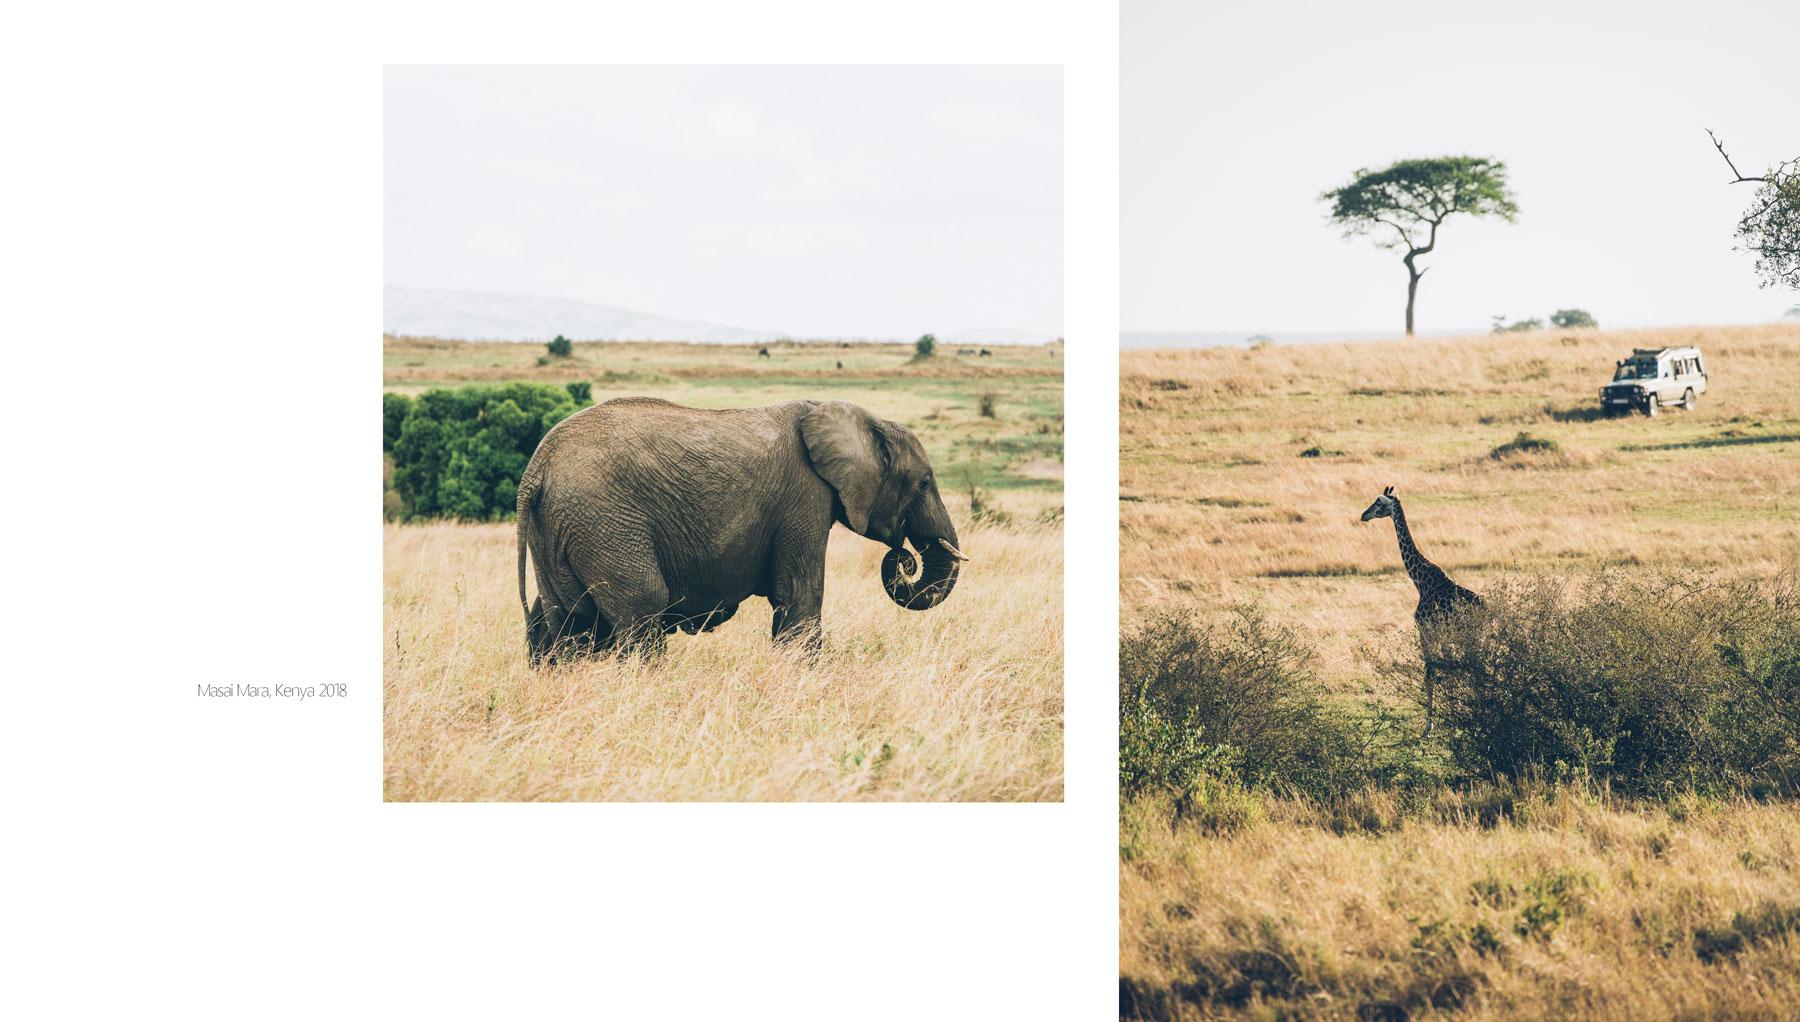 Safari Kenya, Masai Mara